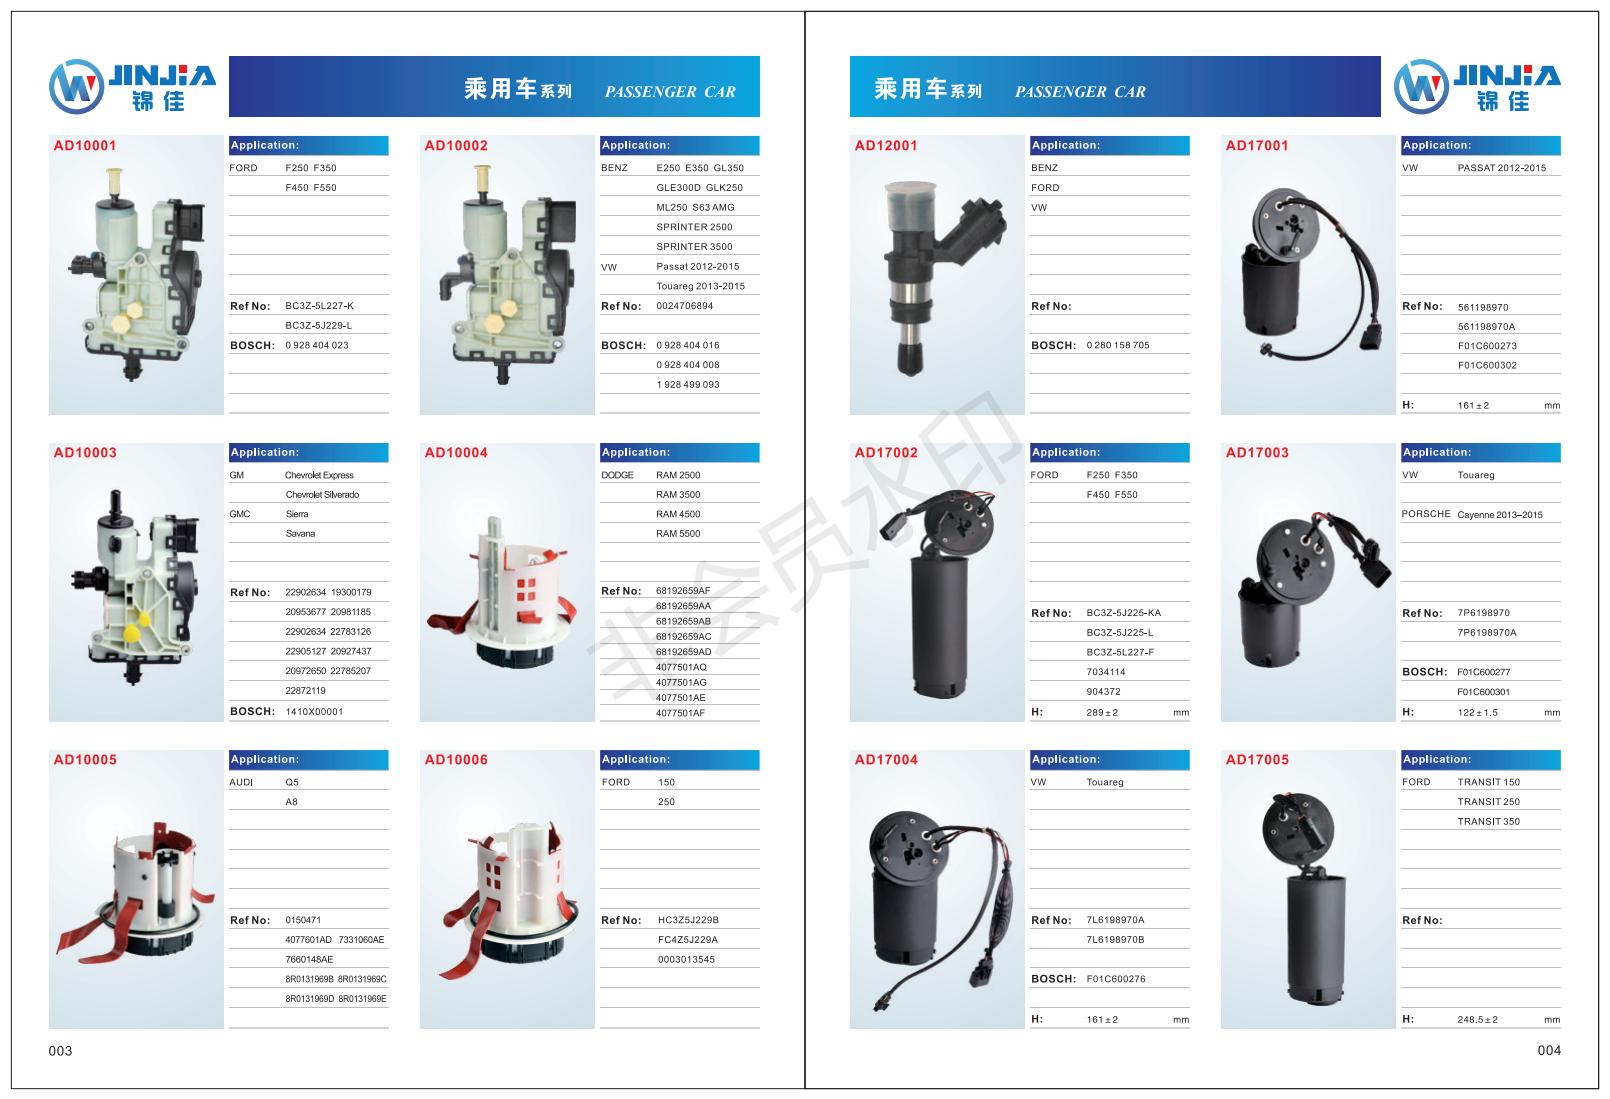 锦佳汽车燃油泵、尿素泵参数参照博世2.2和博世6.5